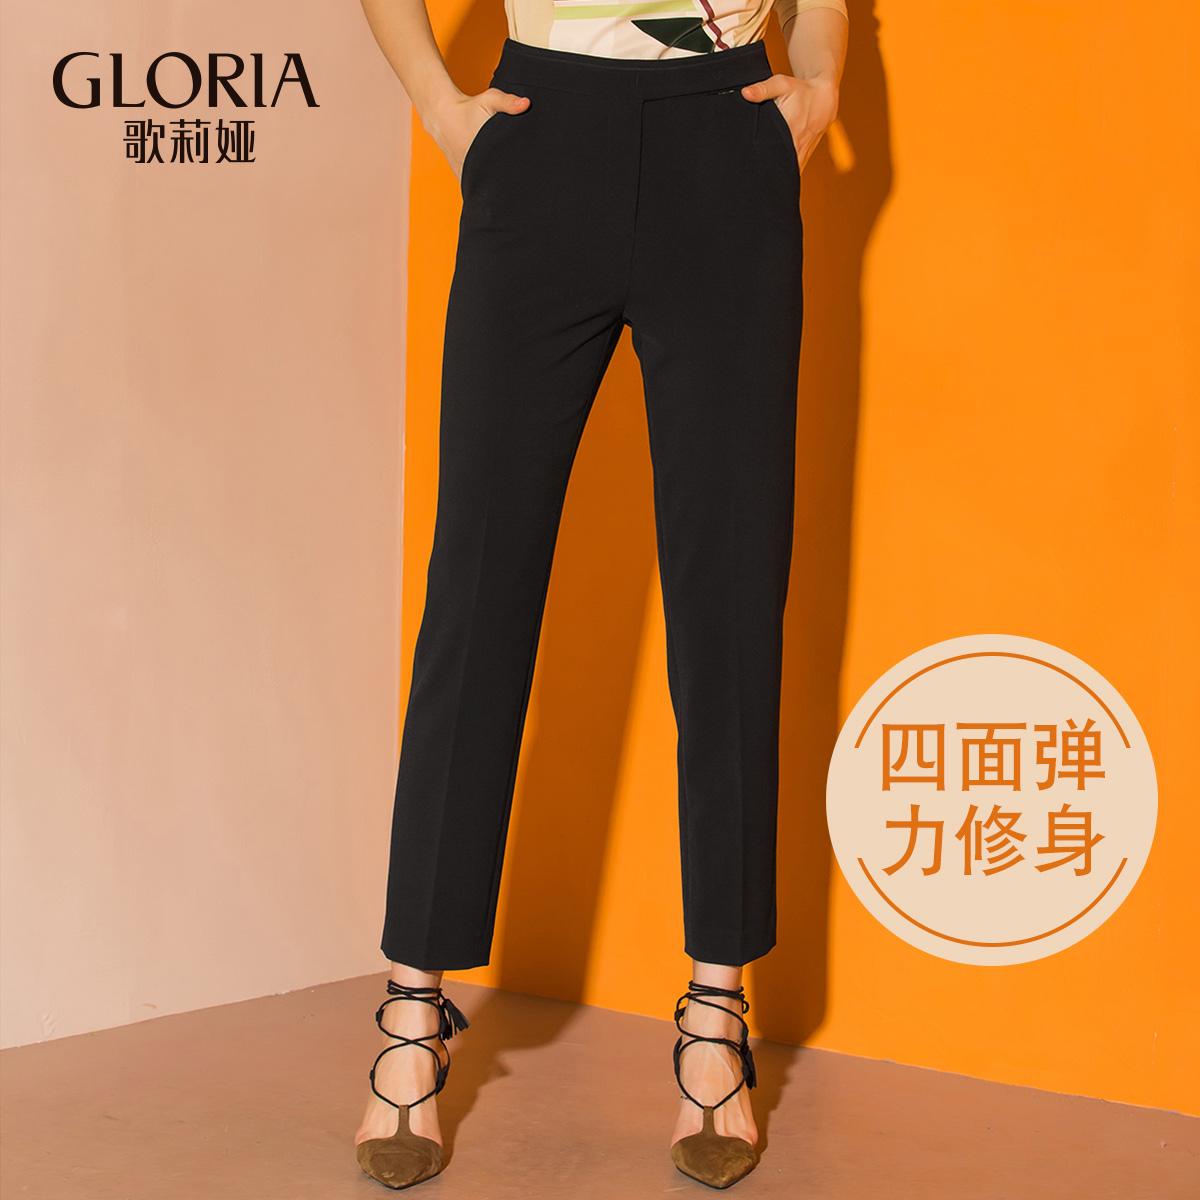 歌莉娅女装 晒|GLORIA歌莉娅女装2017初修身九分小脚锥形裤 173C1D040_推荐淘宝好看的歌莉娅